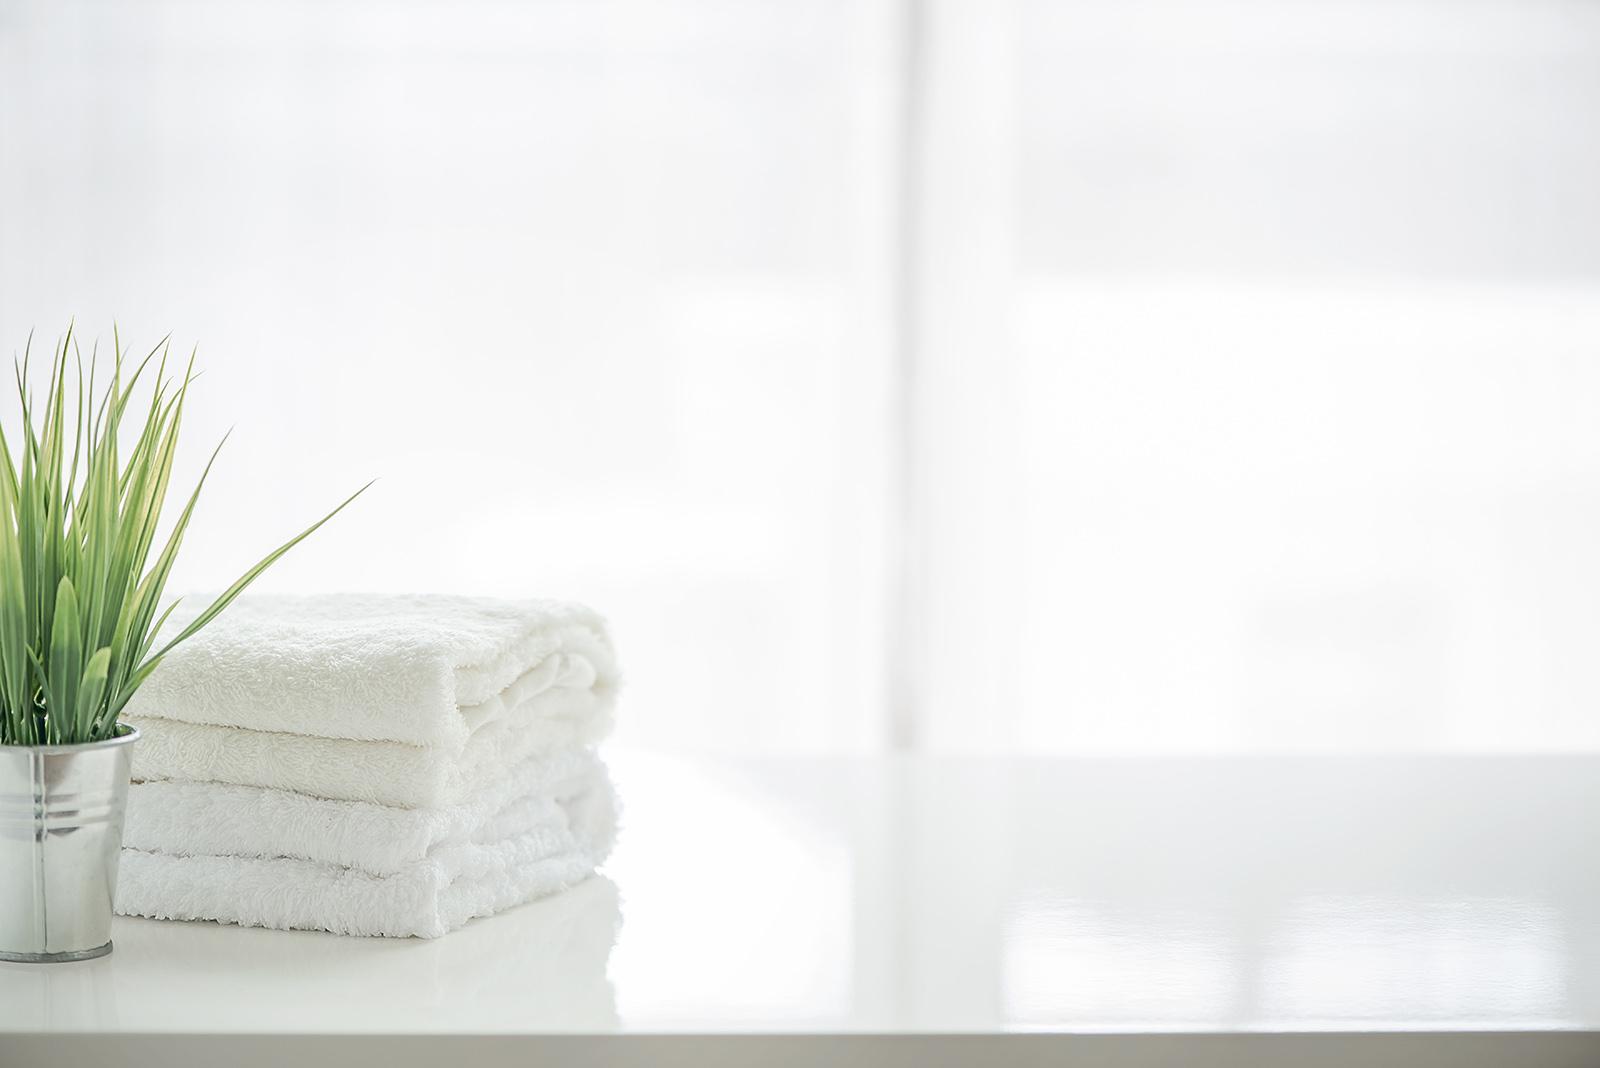 Vårt bolag utför badrumsrenovering i Hudiksvall till både privatpersoner samt företag och bostadsrättsföreningar. Kontakta oss för badrumsrenovering i Hudiksvall.